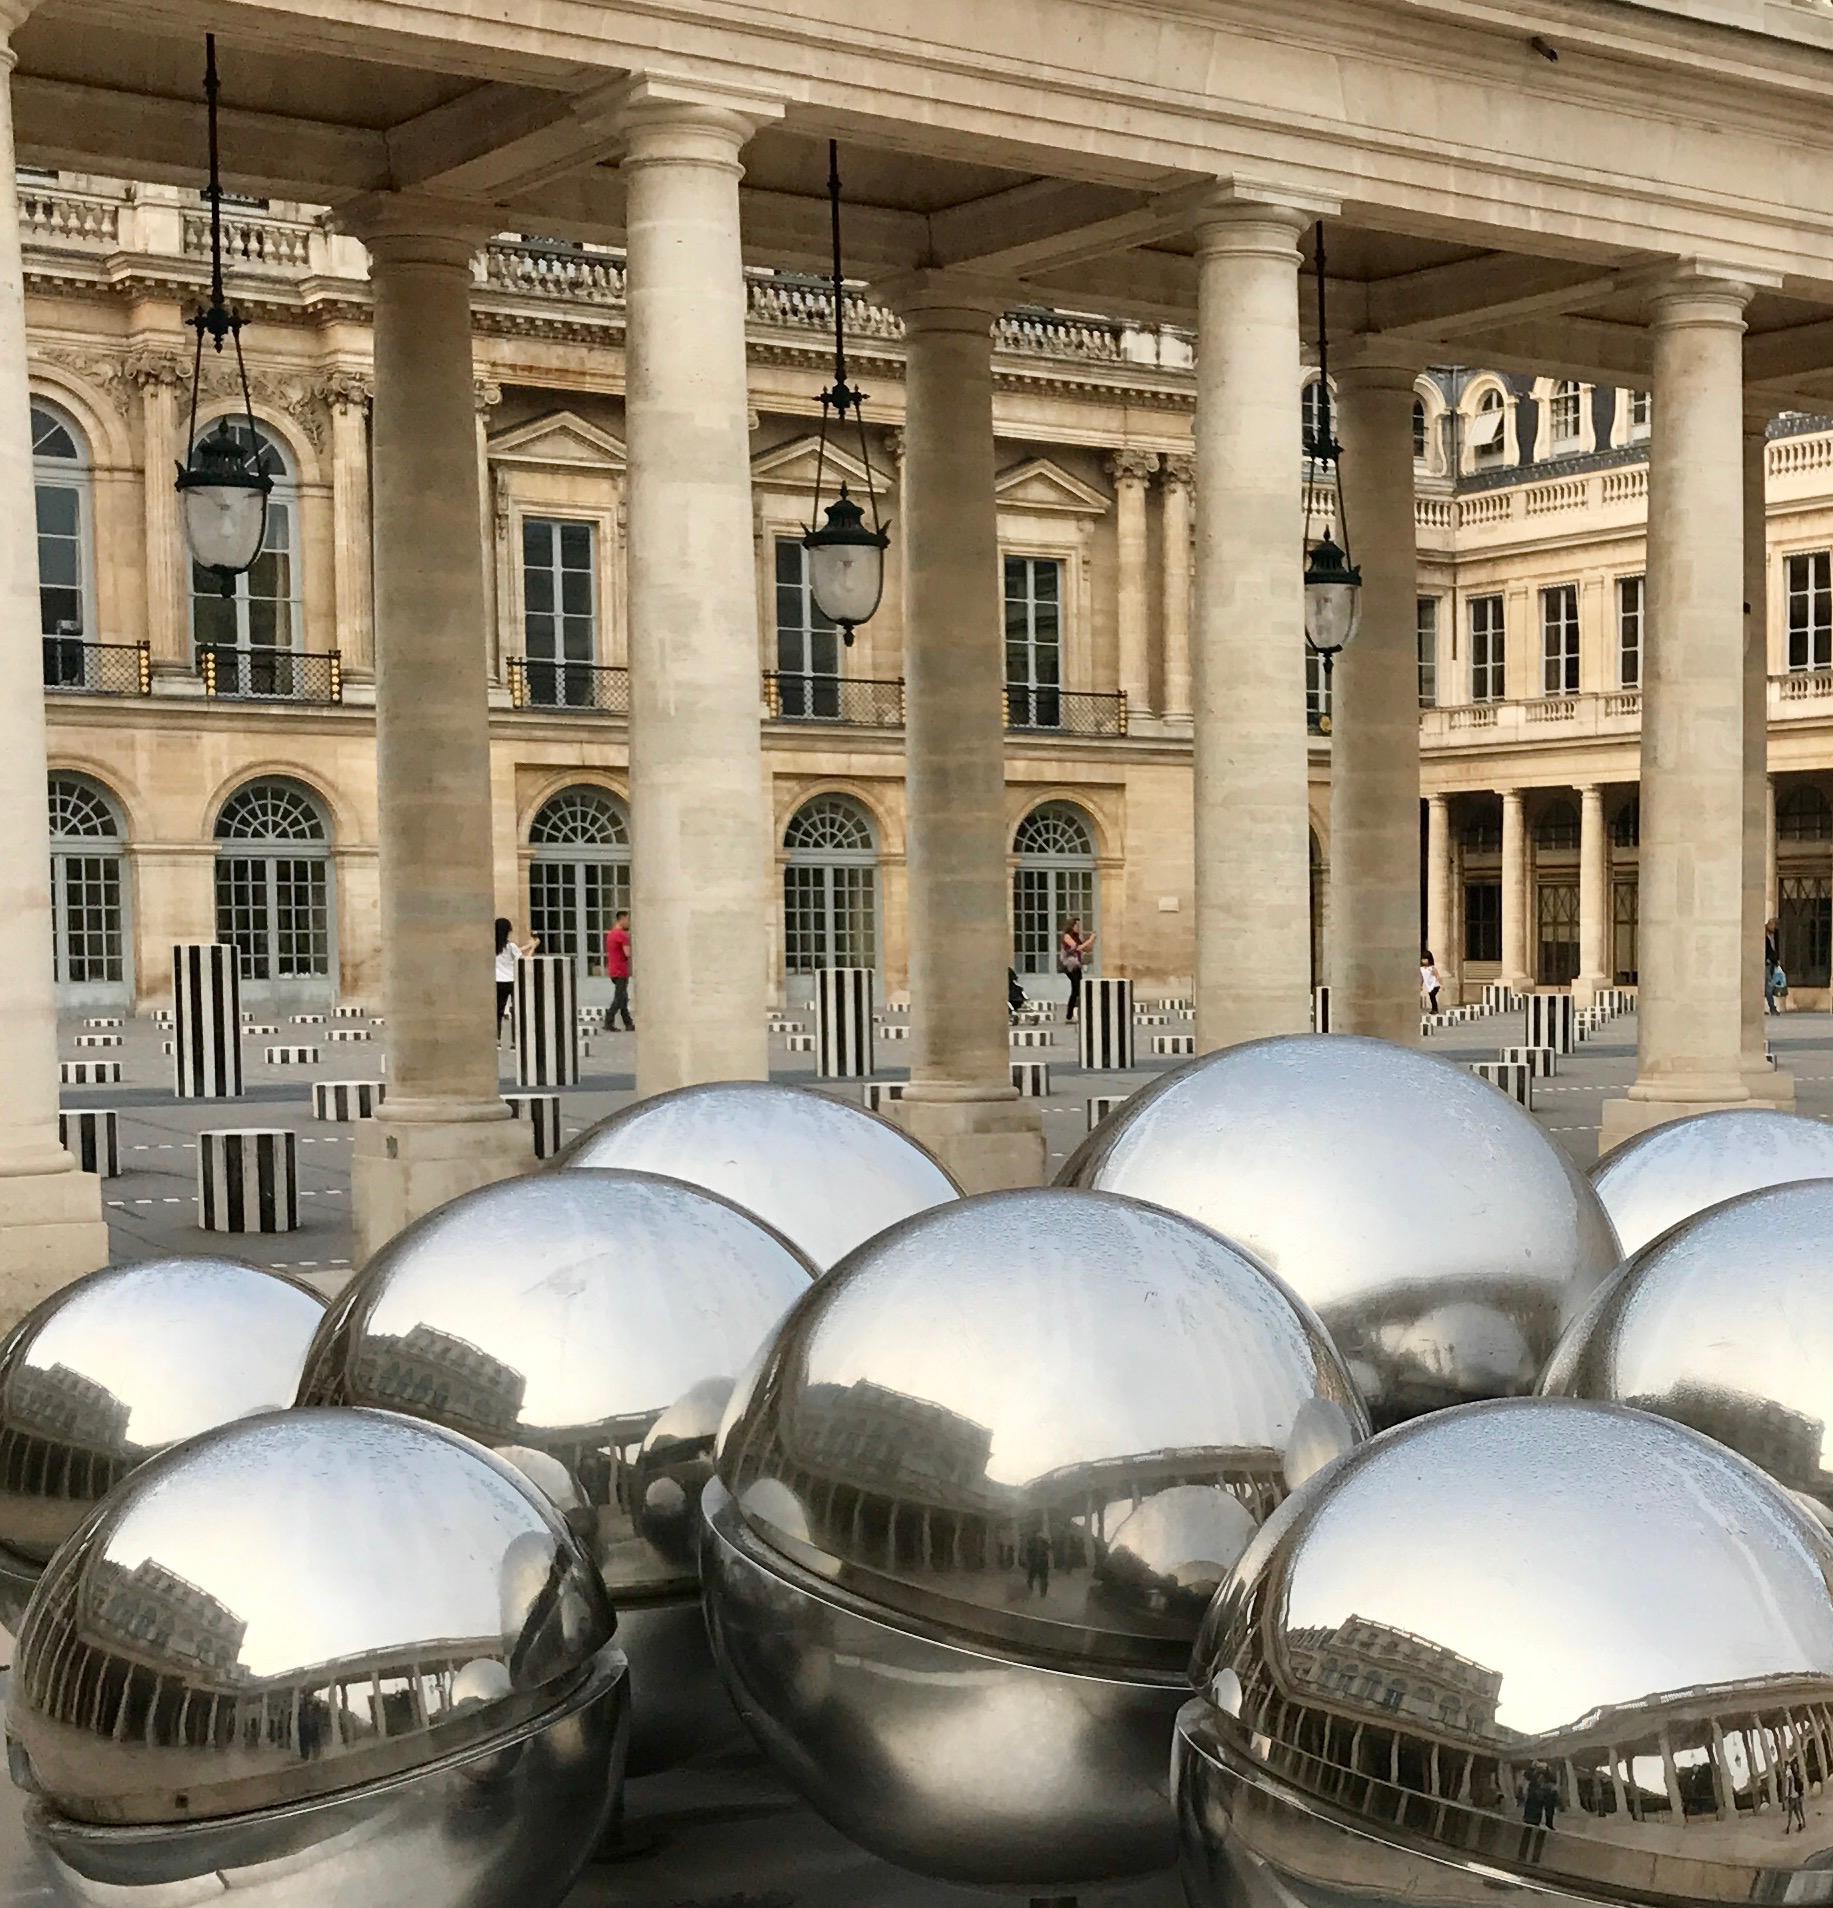 fontaine-et-cours-du-palais-royal